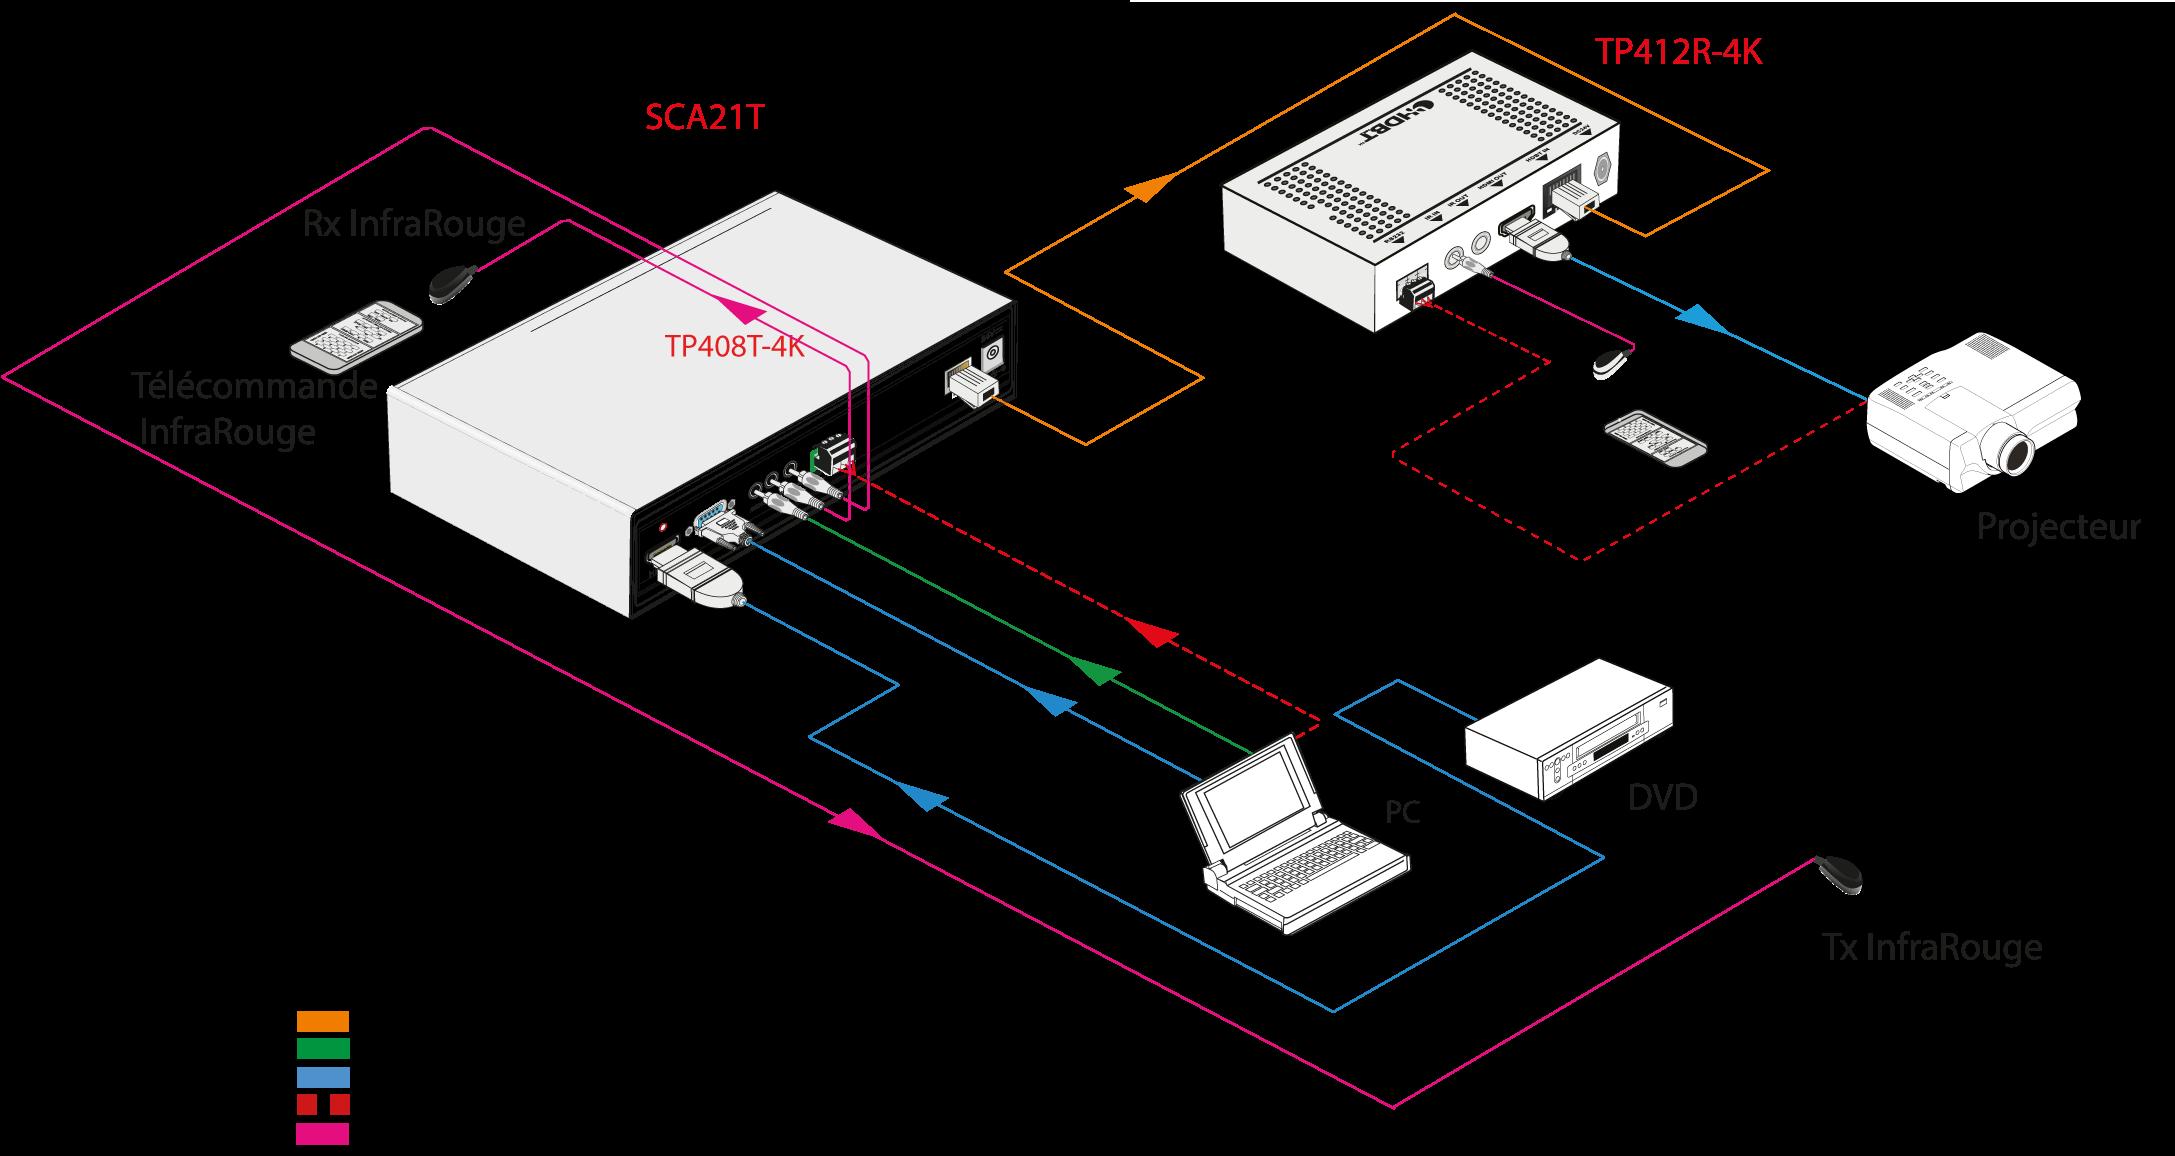 SCA21T - Sélecteur 2x1, 4Kx2K@30Hz 4:4:4, 40 m